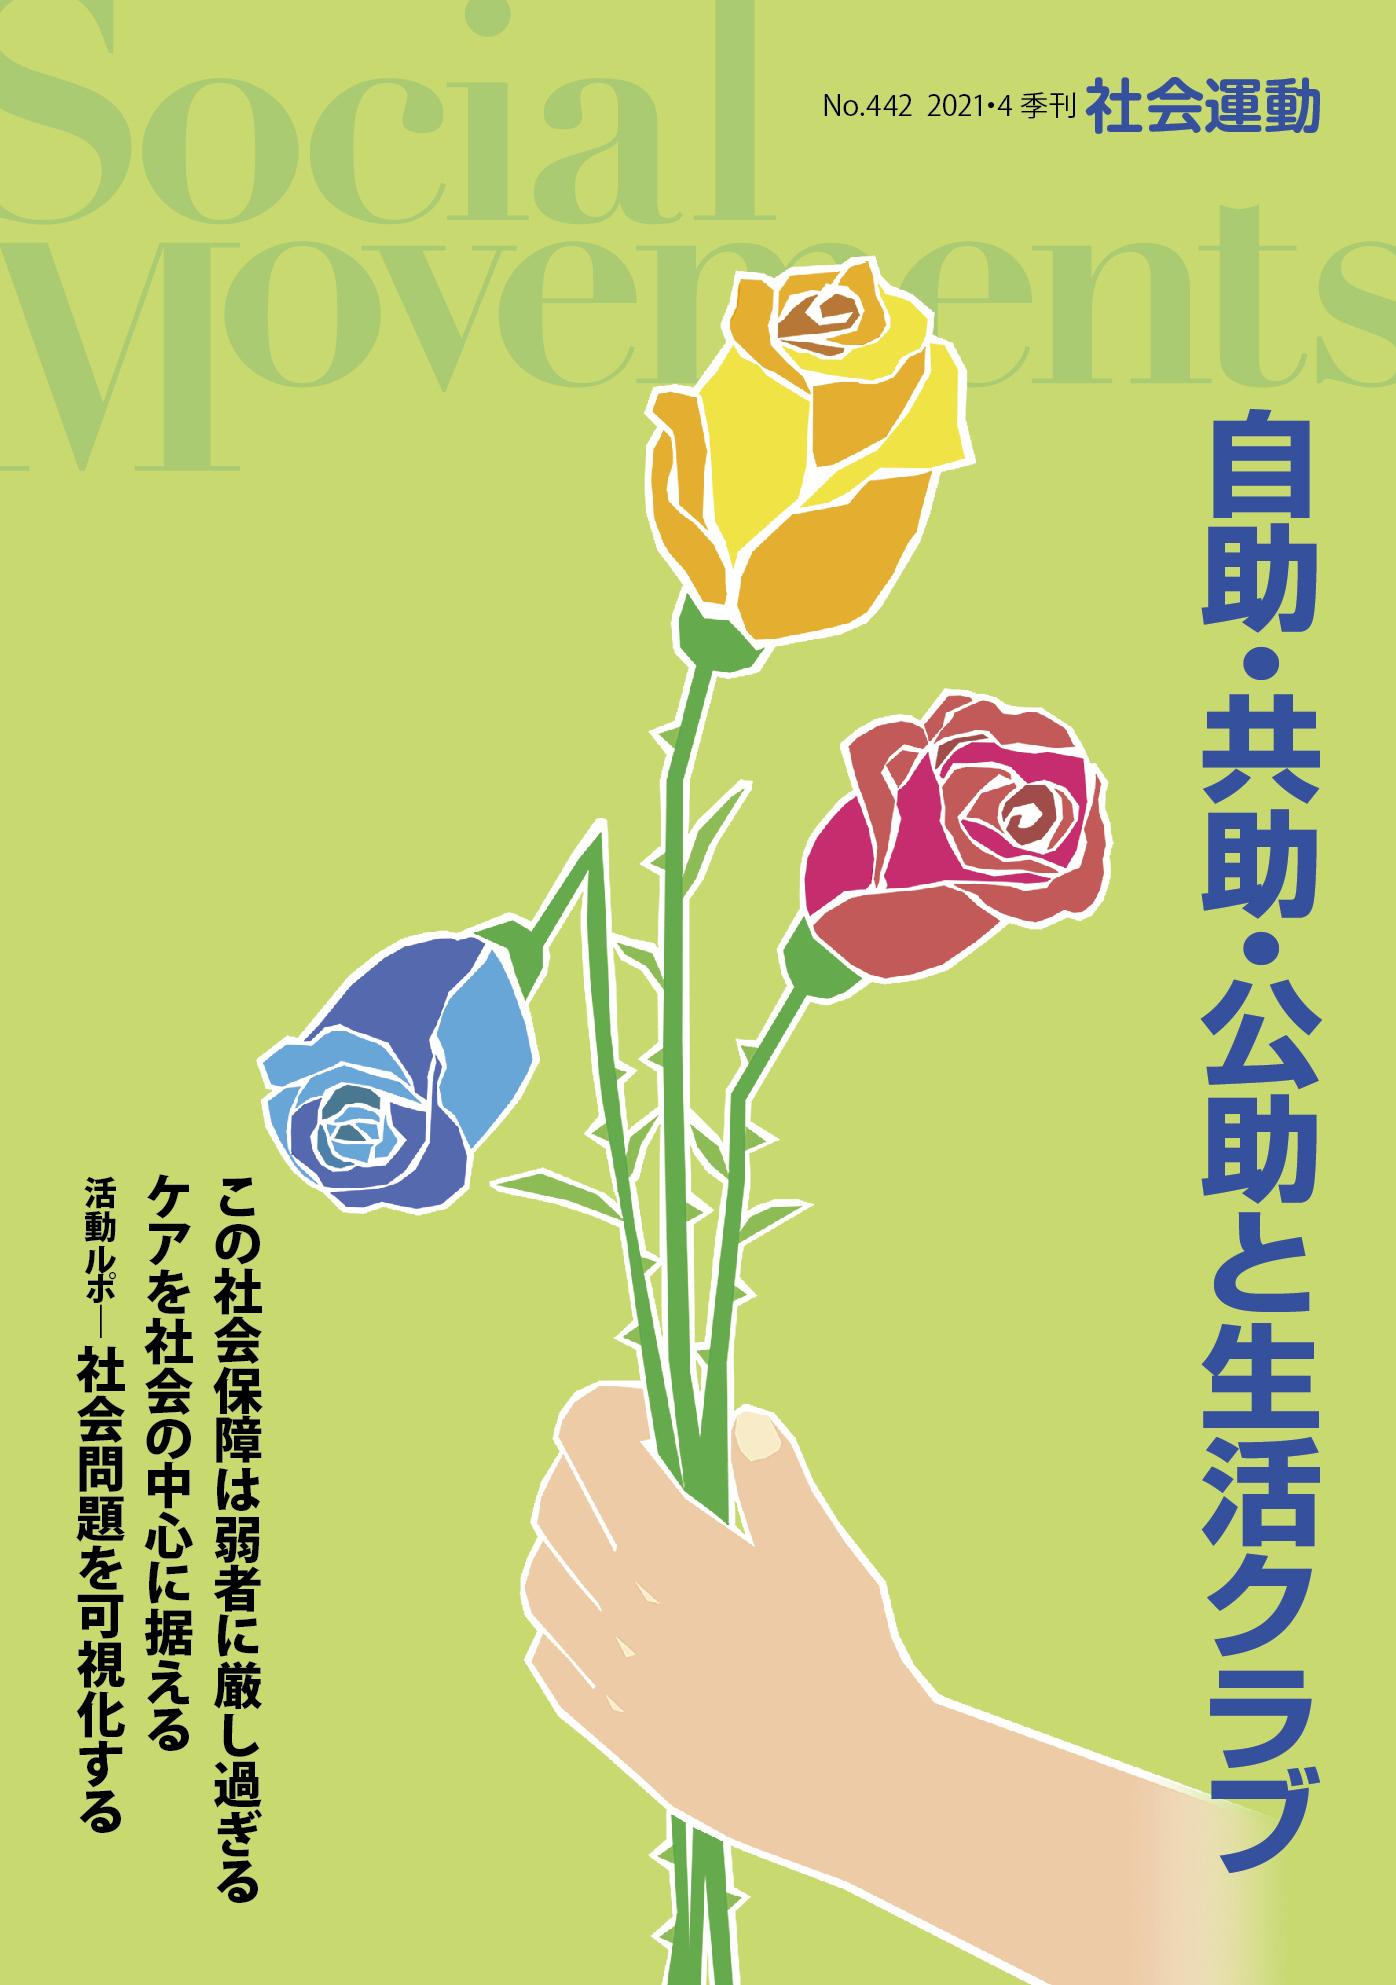 <好評発売中>季刊『社会運動』2021年4月【442号】特集:自助・共助・公助と生活クラブ